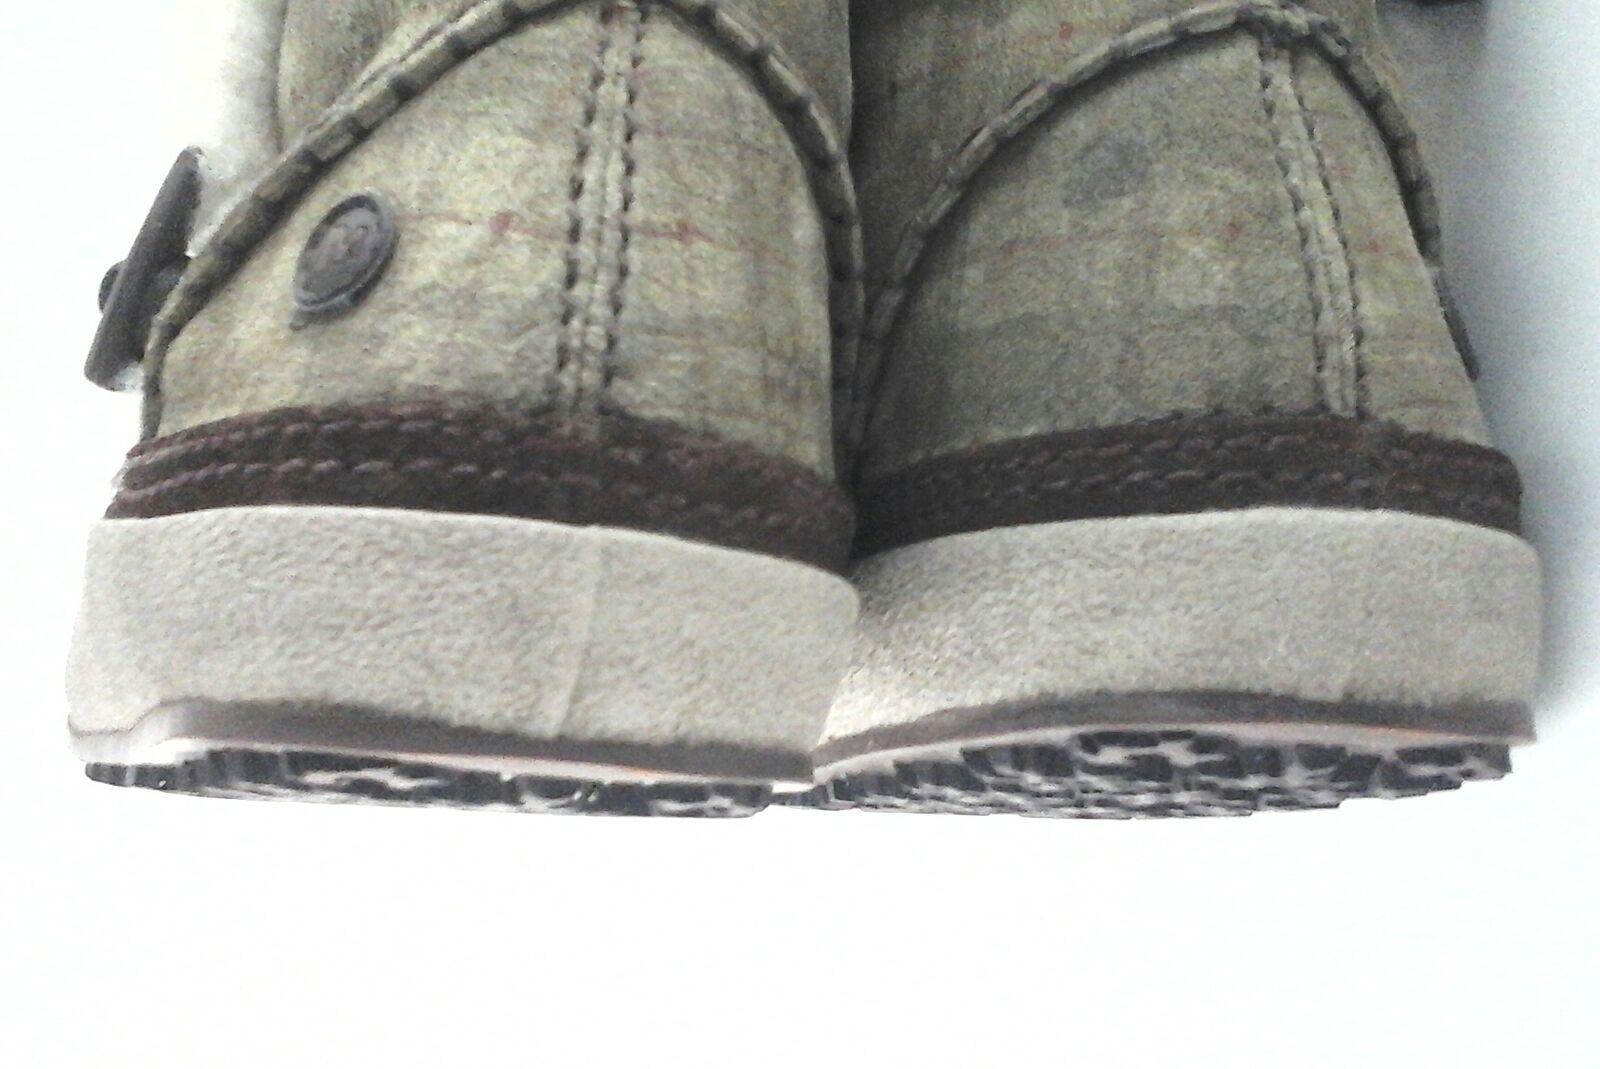 MERRELL Spirit Tibet Plaid Thinsulate Damenschuhe Winter Winter Winter Snow Stiefel US 7.5 EU 38 165 e697ff